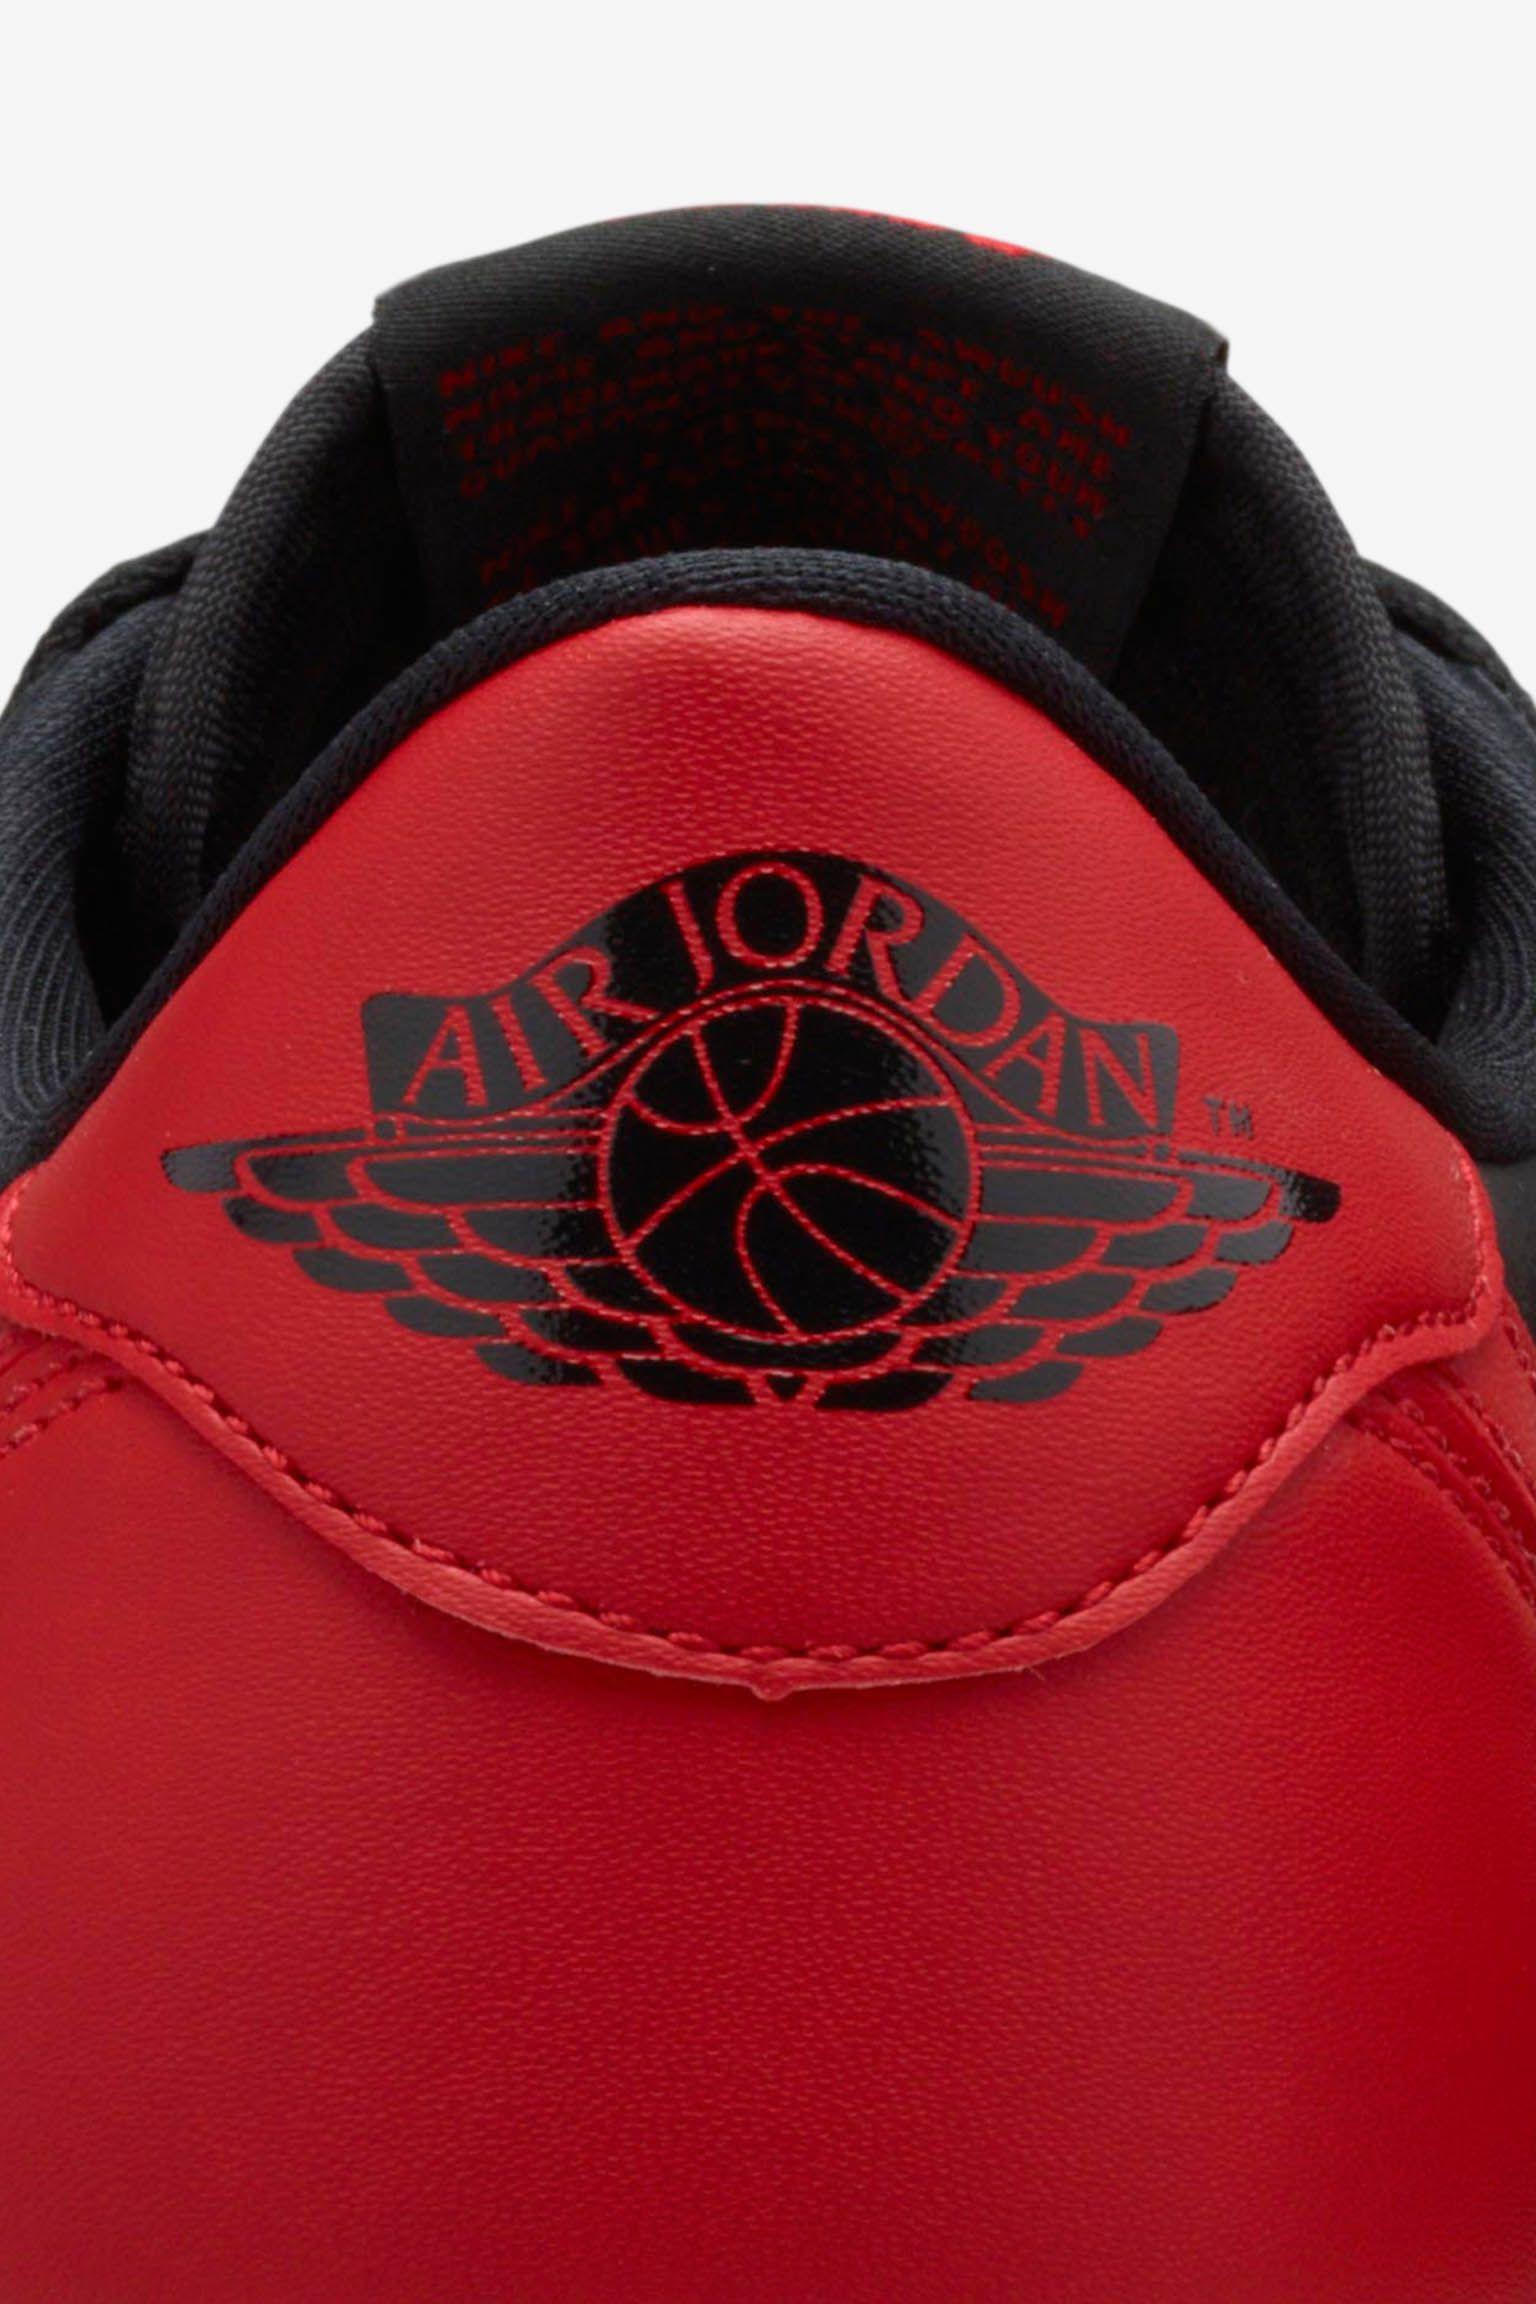 Air Jordan 1 Retro Low 'Black & Varsity Red' Release Date